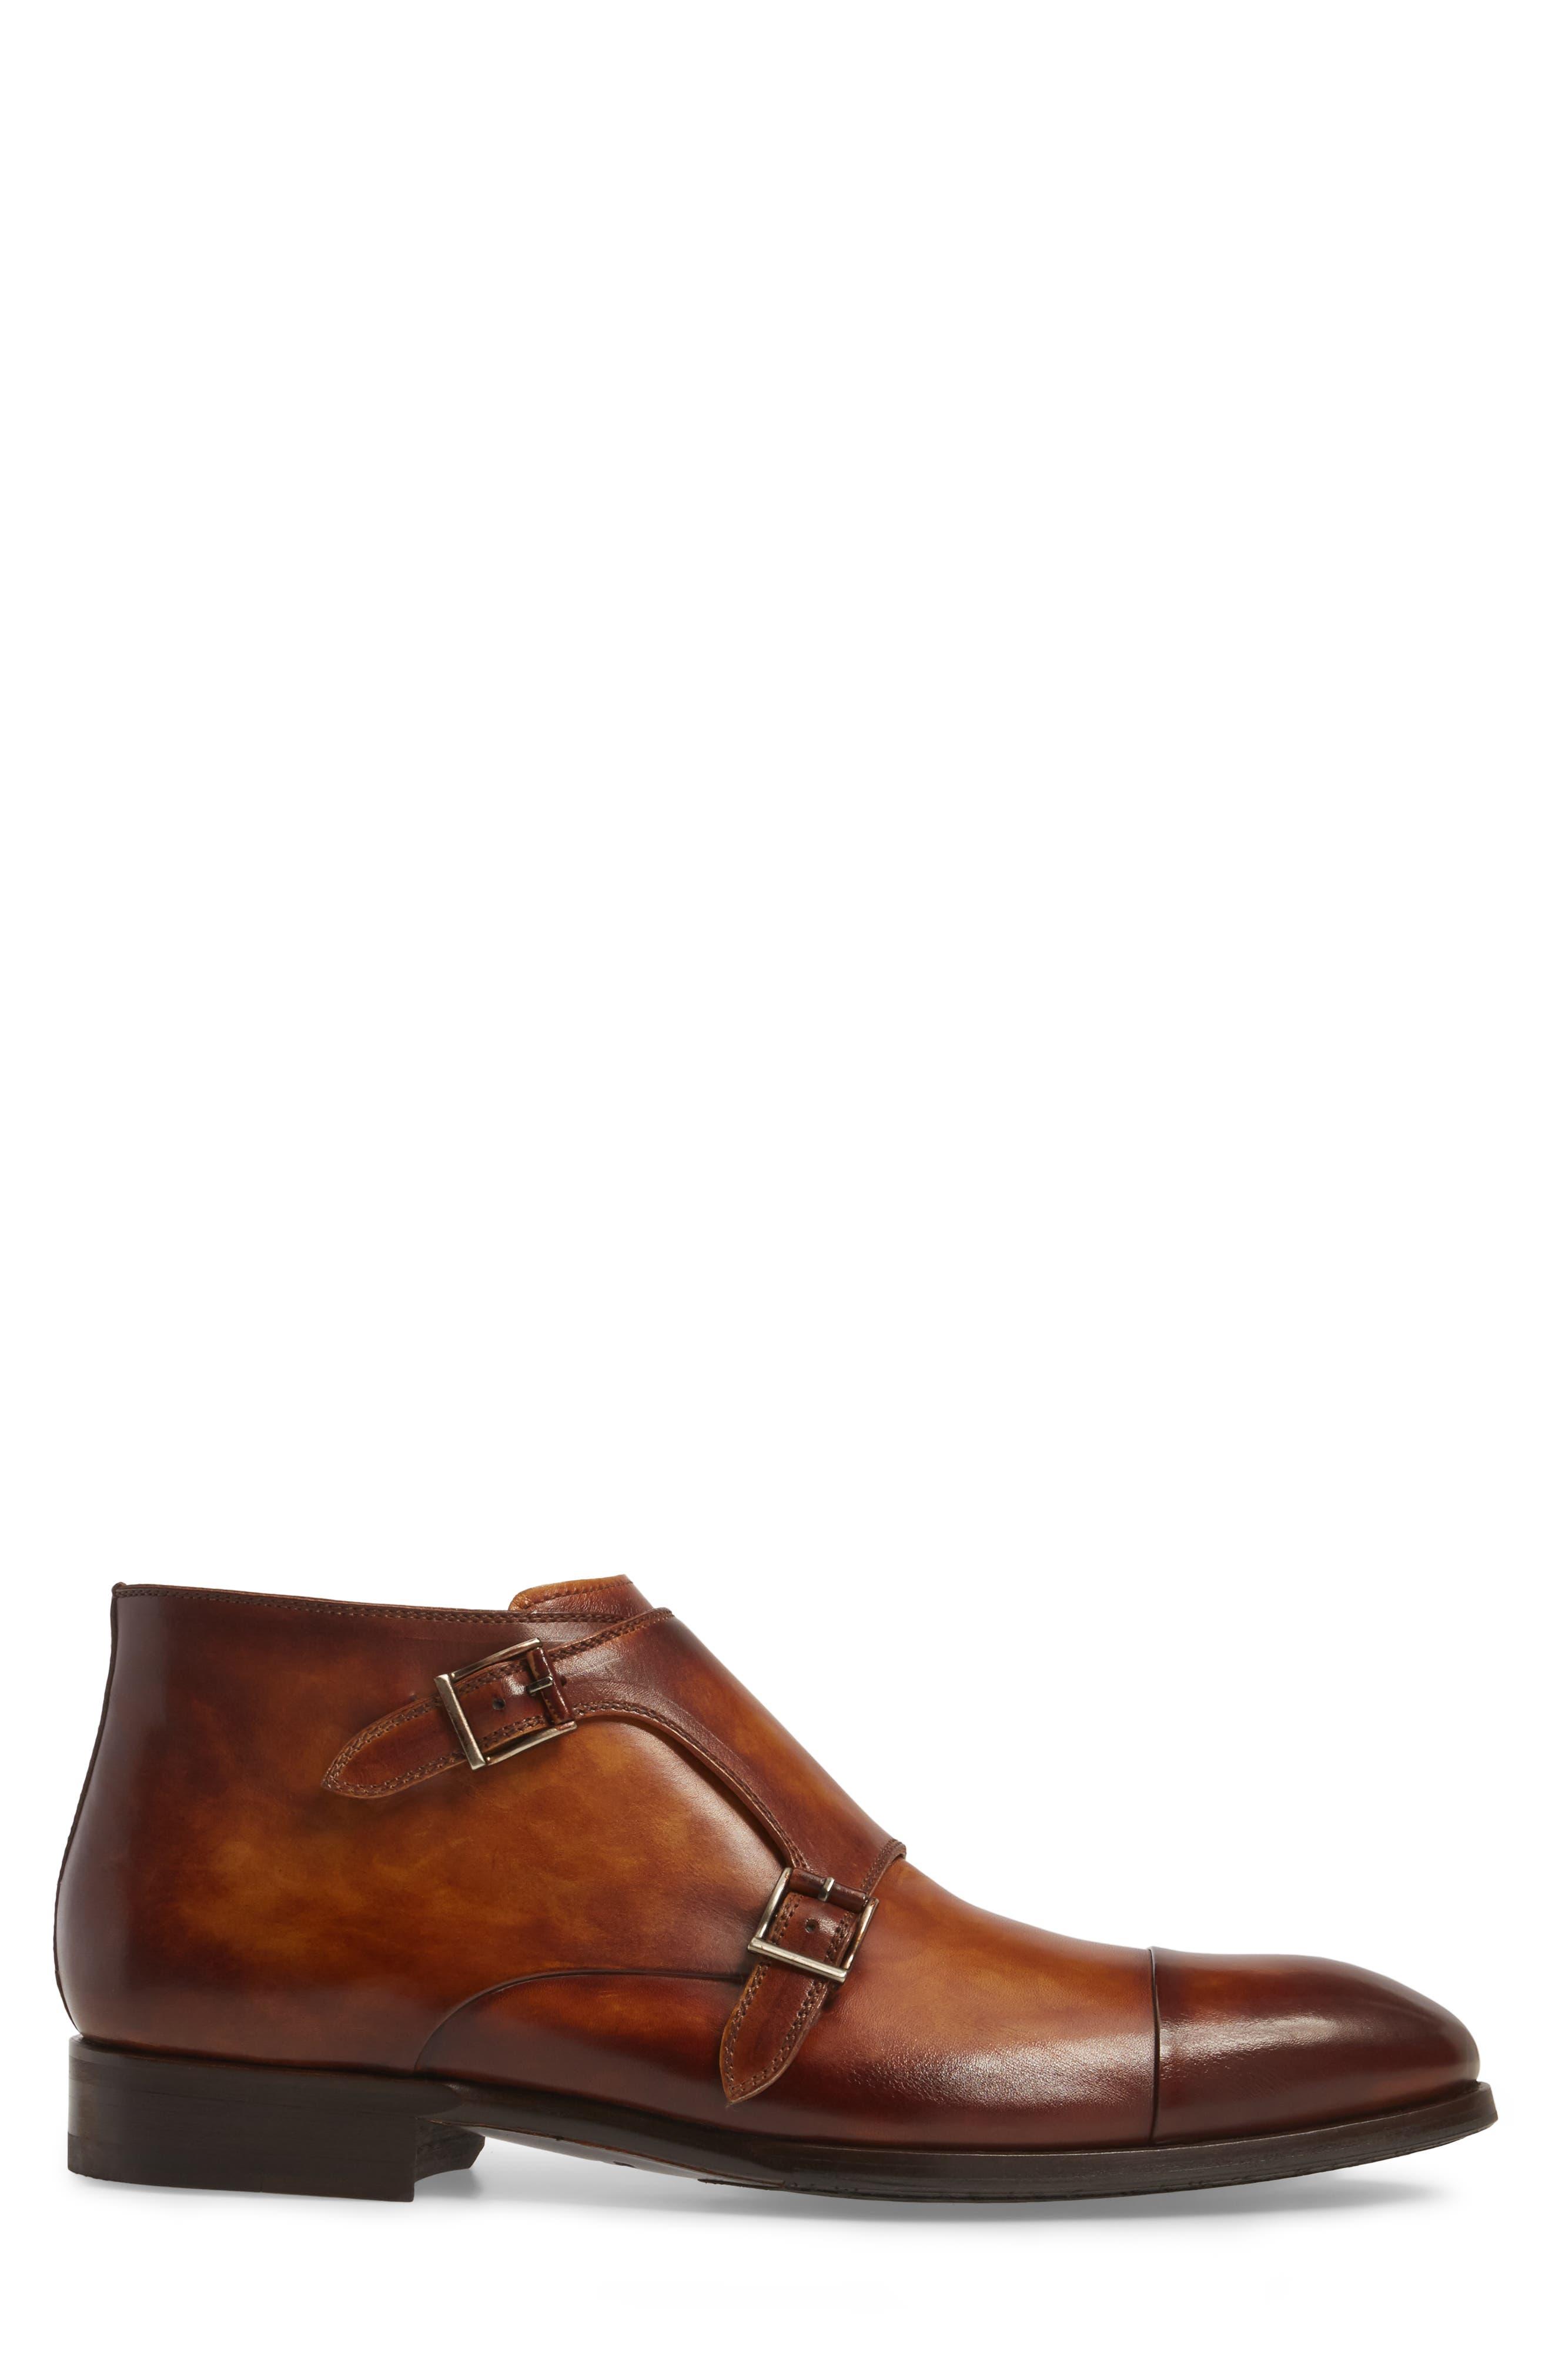 Alternate Image 3  - Magnanni Lavar Double Monk Strap Boot (Men)